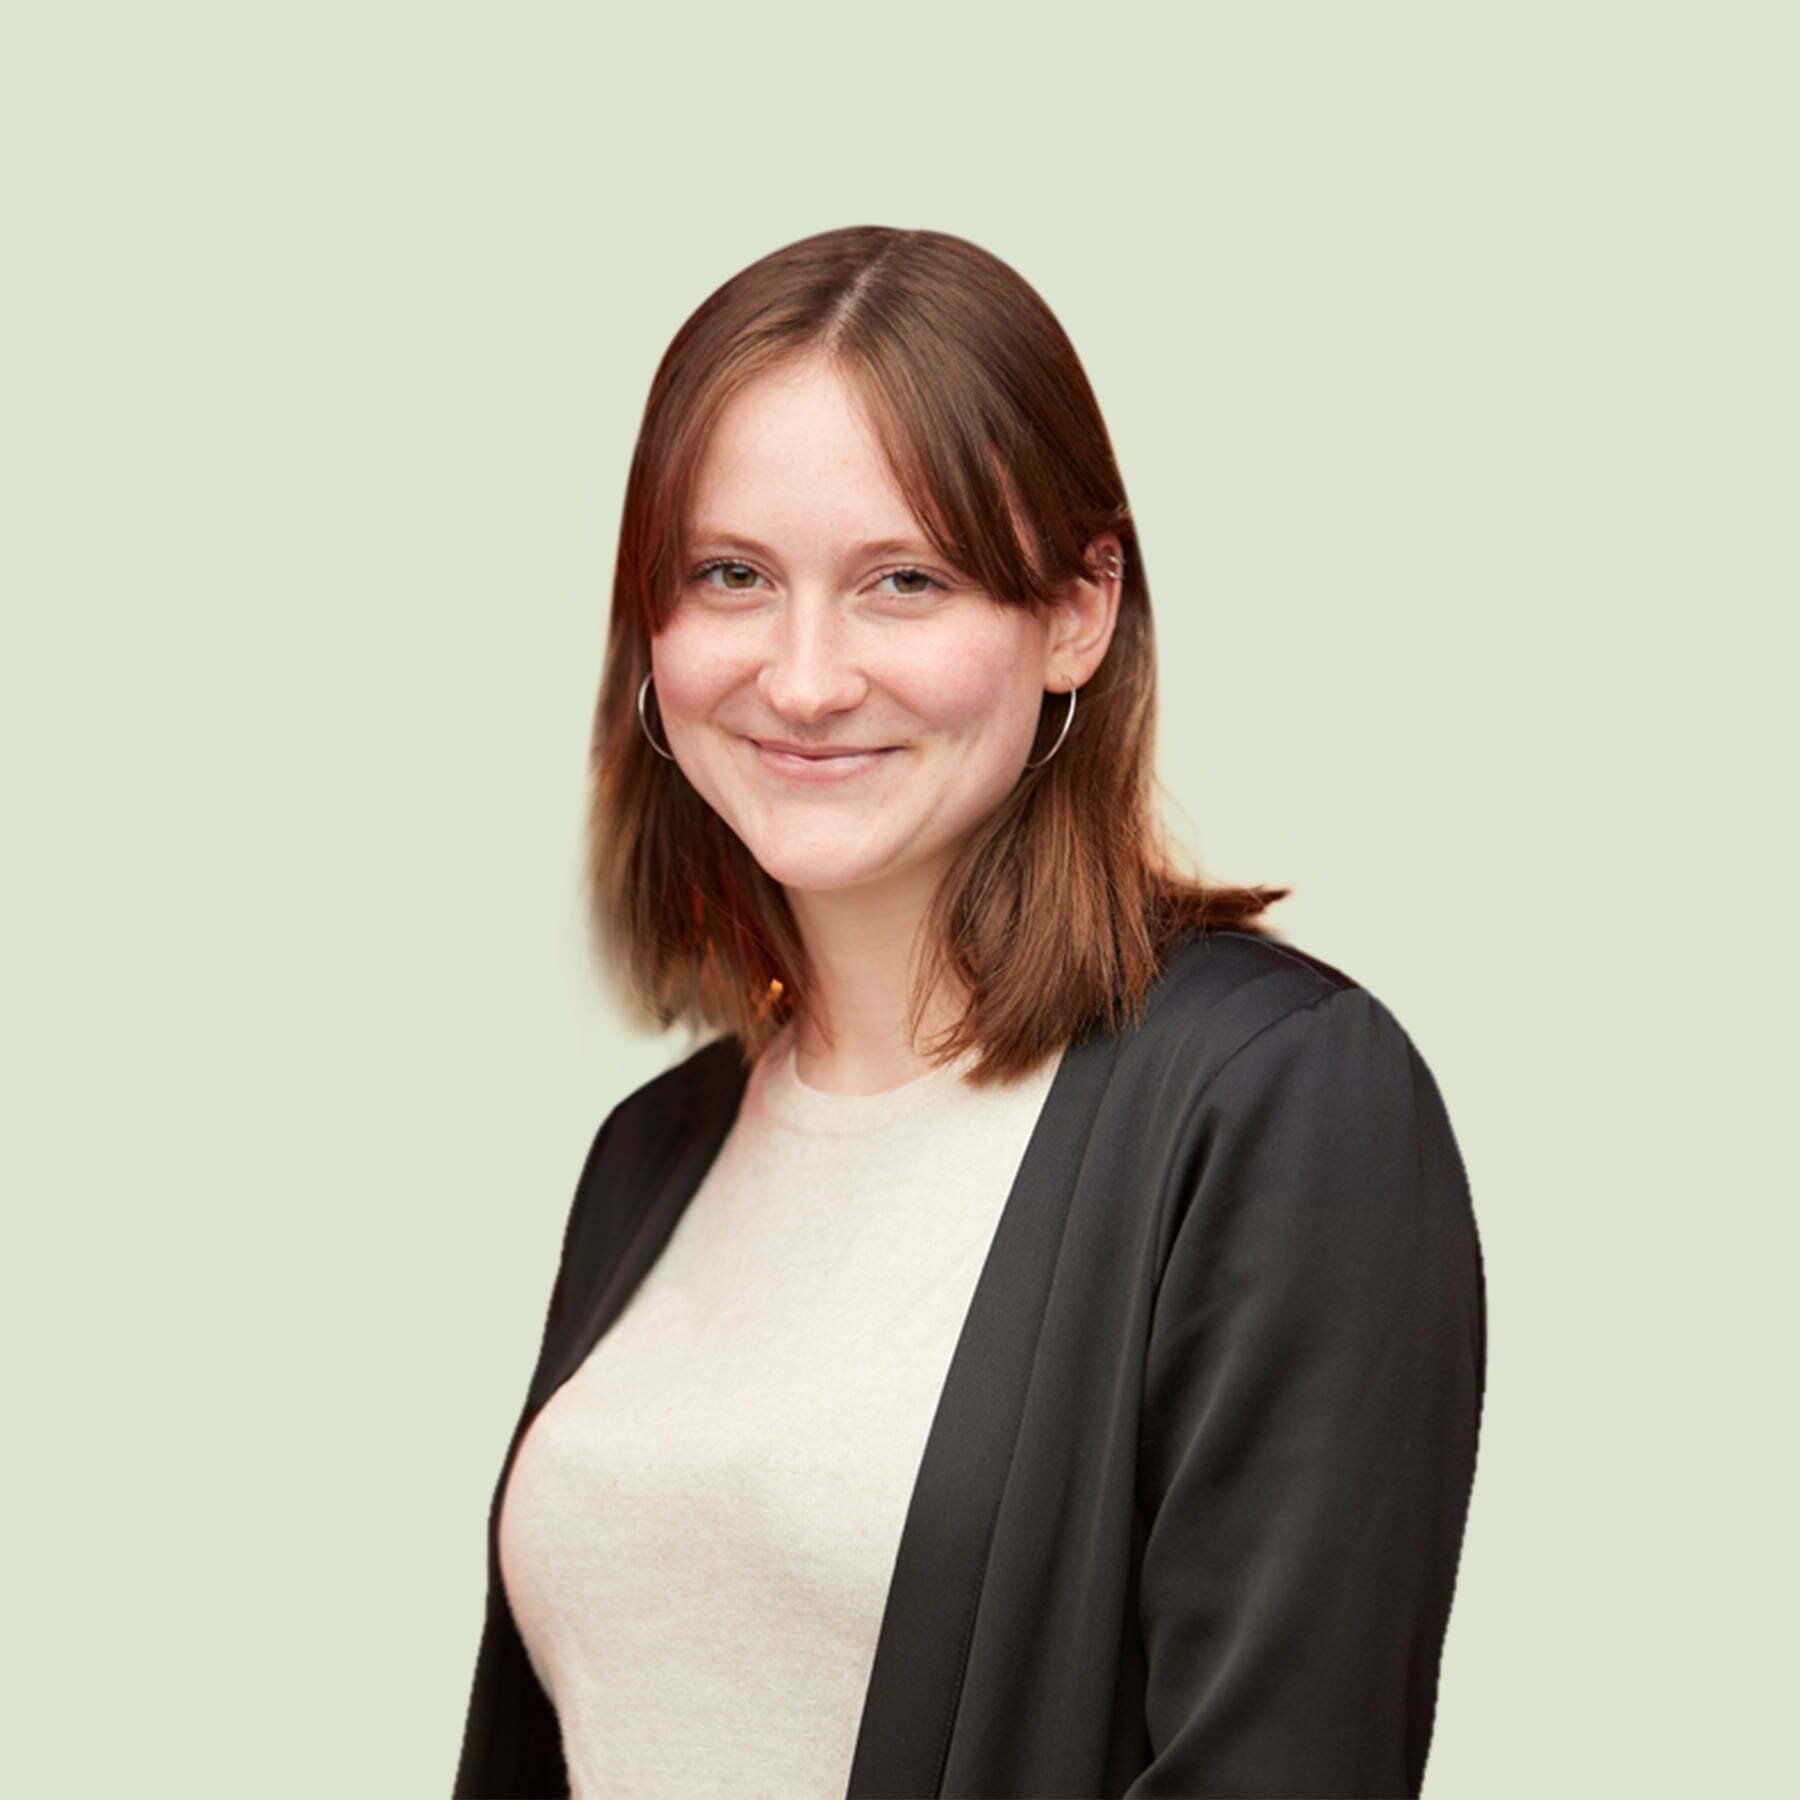 Alicia Tremblay photographe junior et gestionnaire de communauté Spritz social et numérique